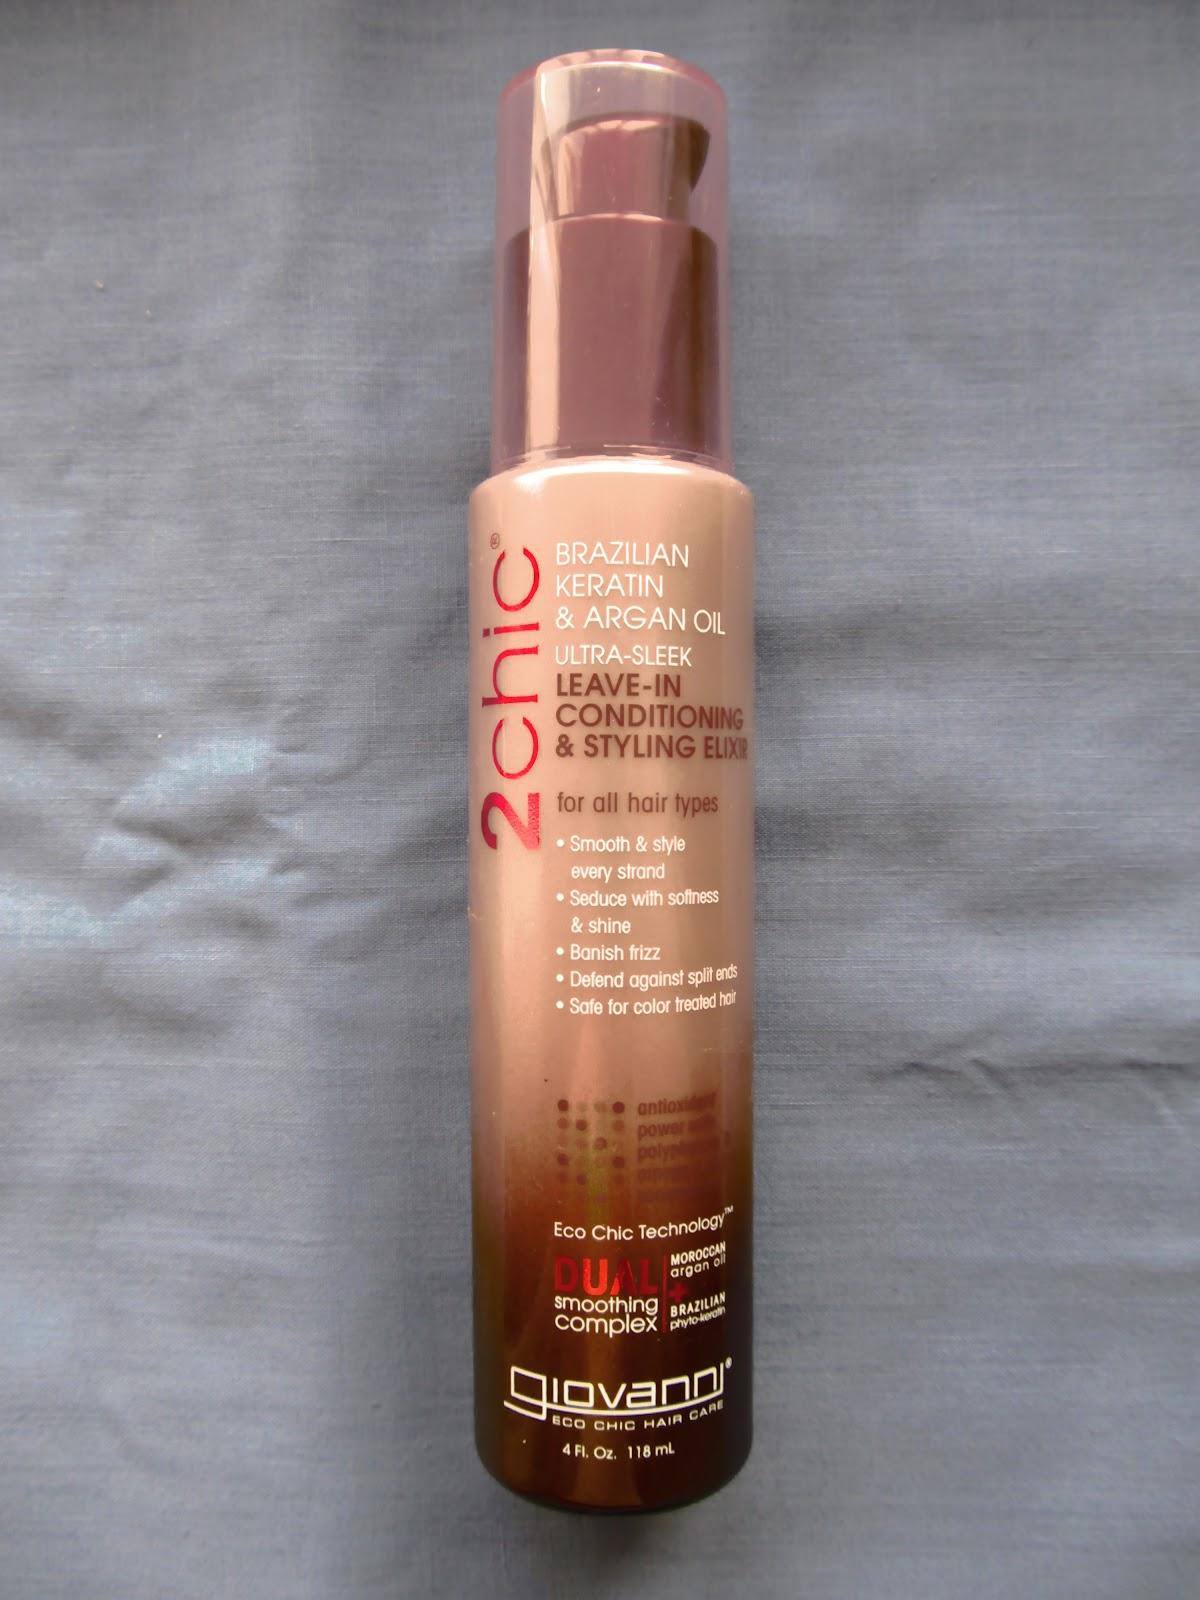 Незмивний кондиціонер Giovanni для гладенького волосся з бразильським кератином і аргановою олією